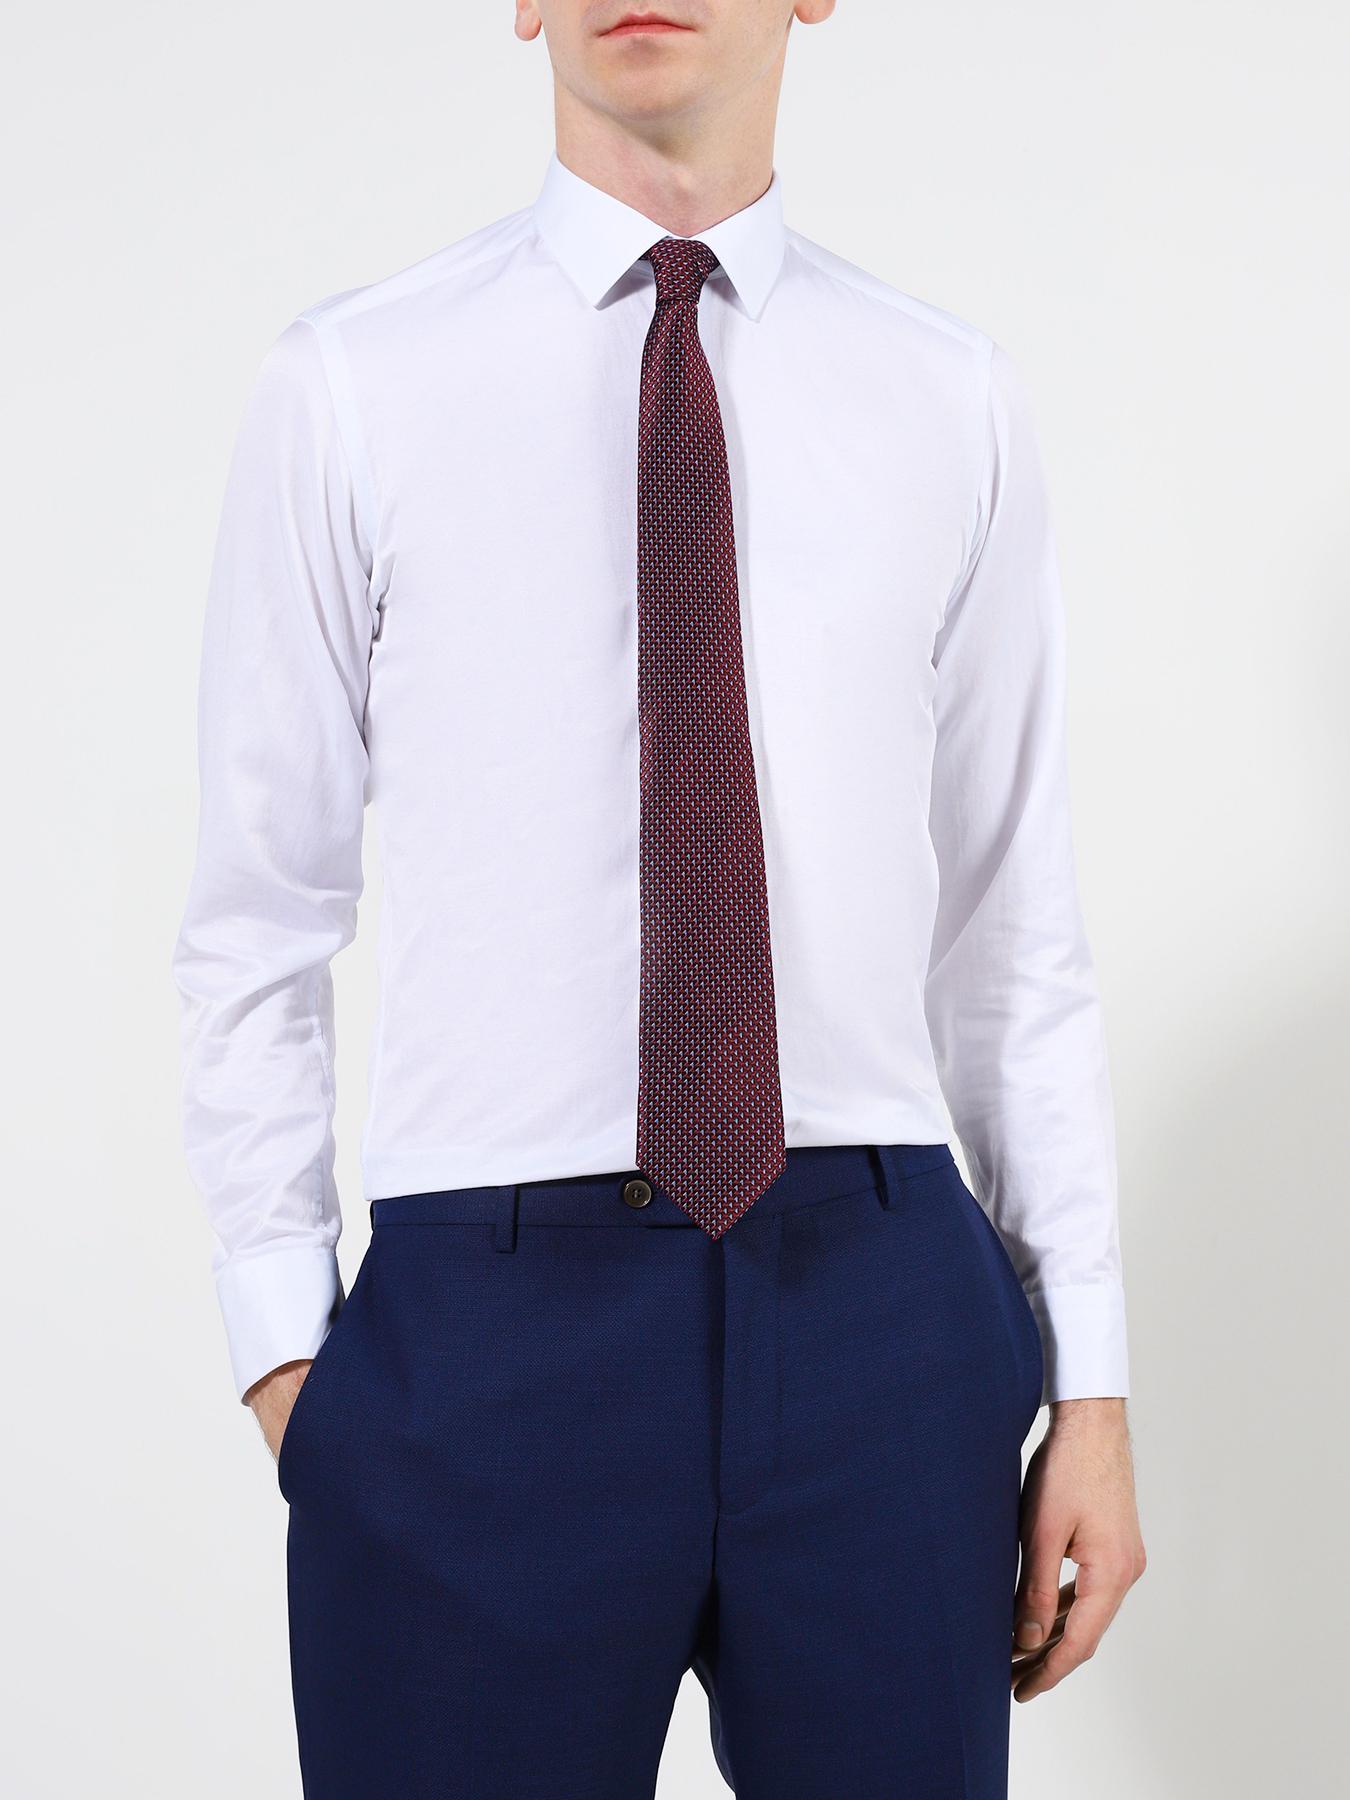 Ritter Шелковый галстук 357936-185